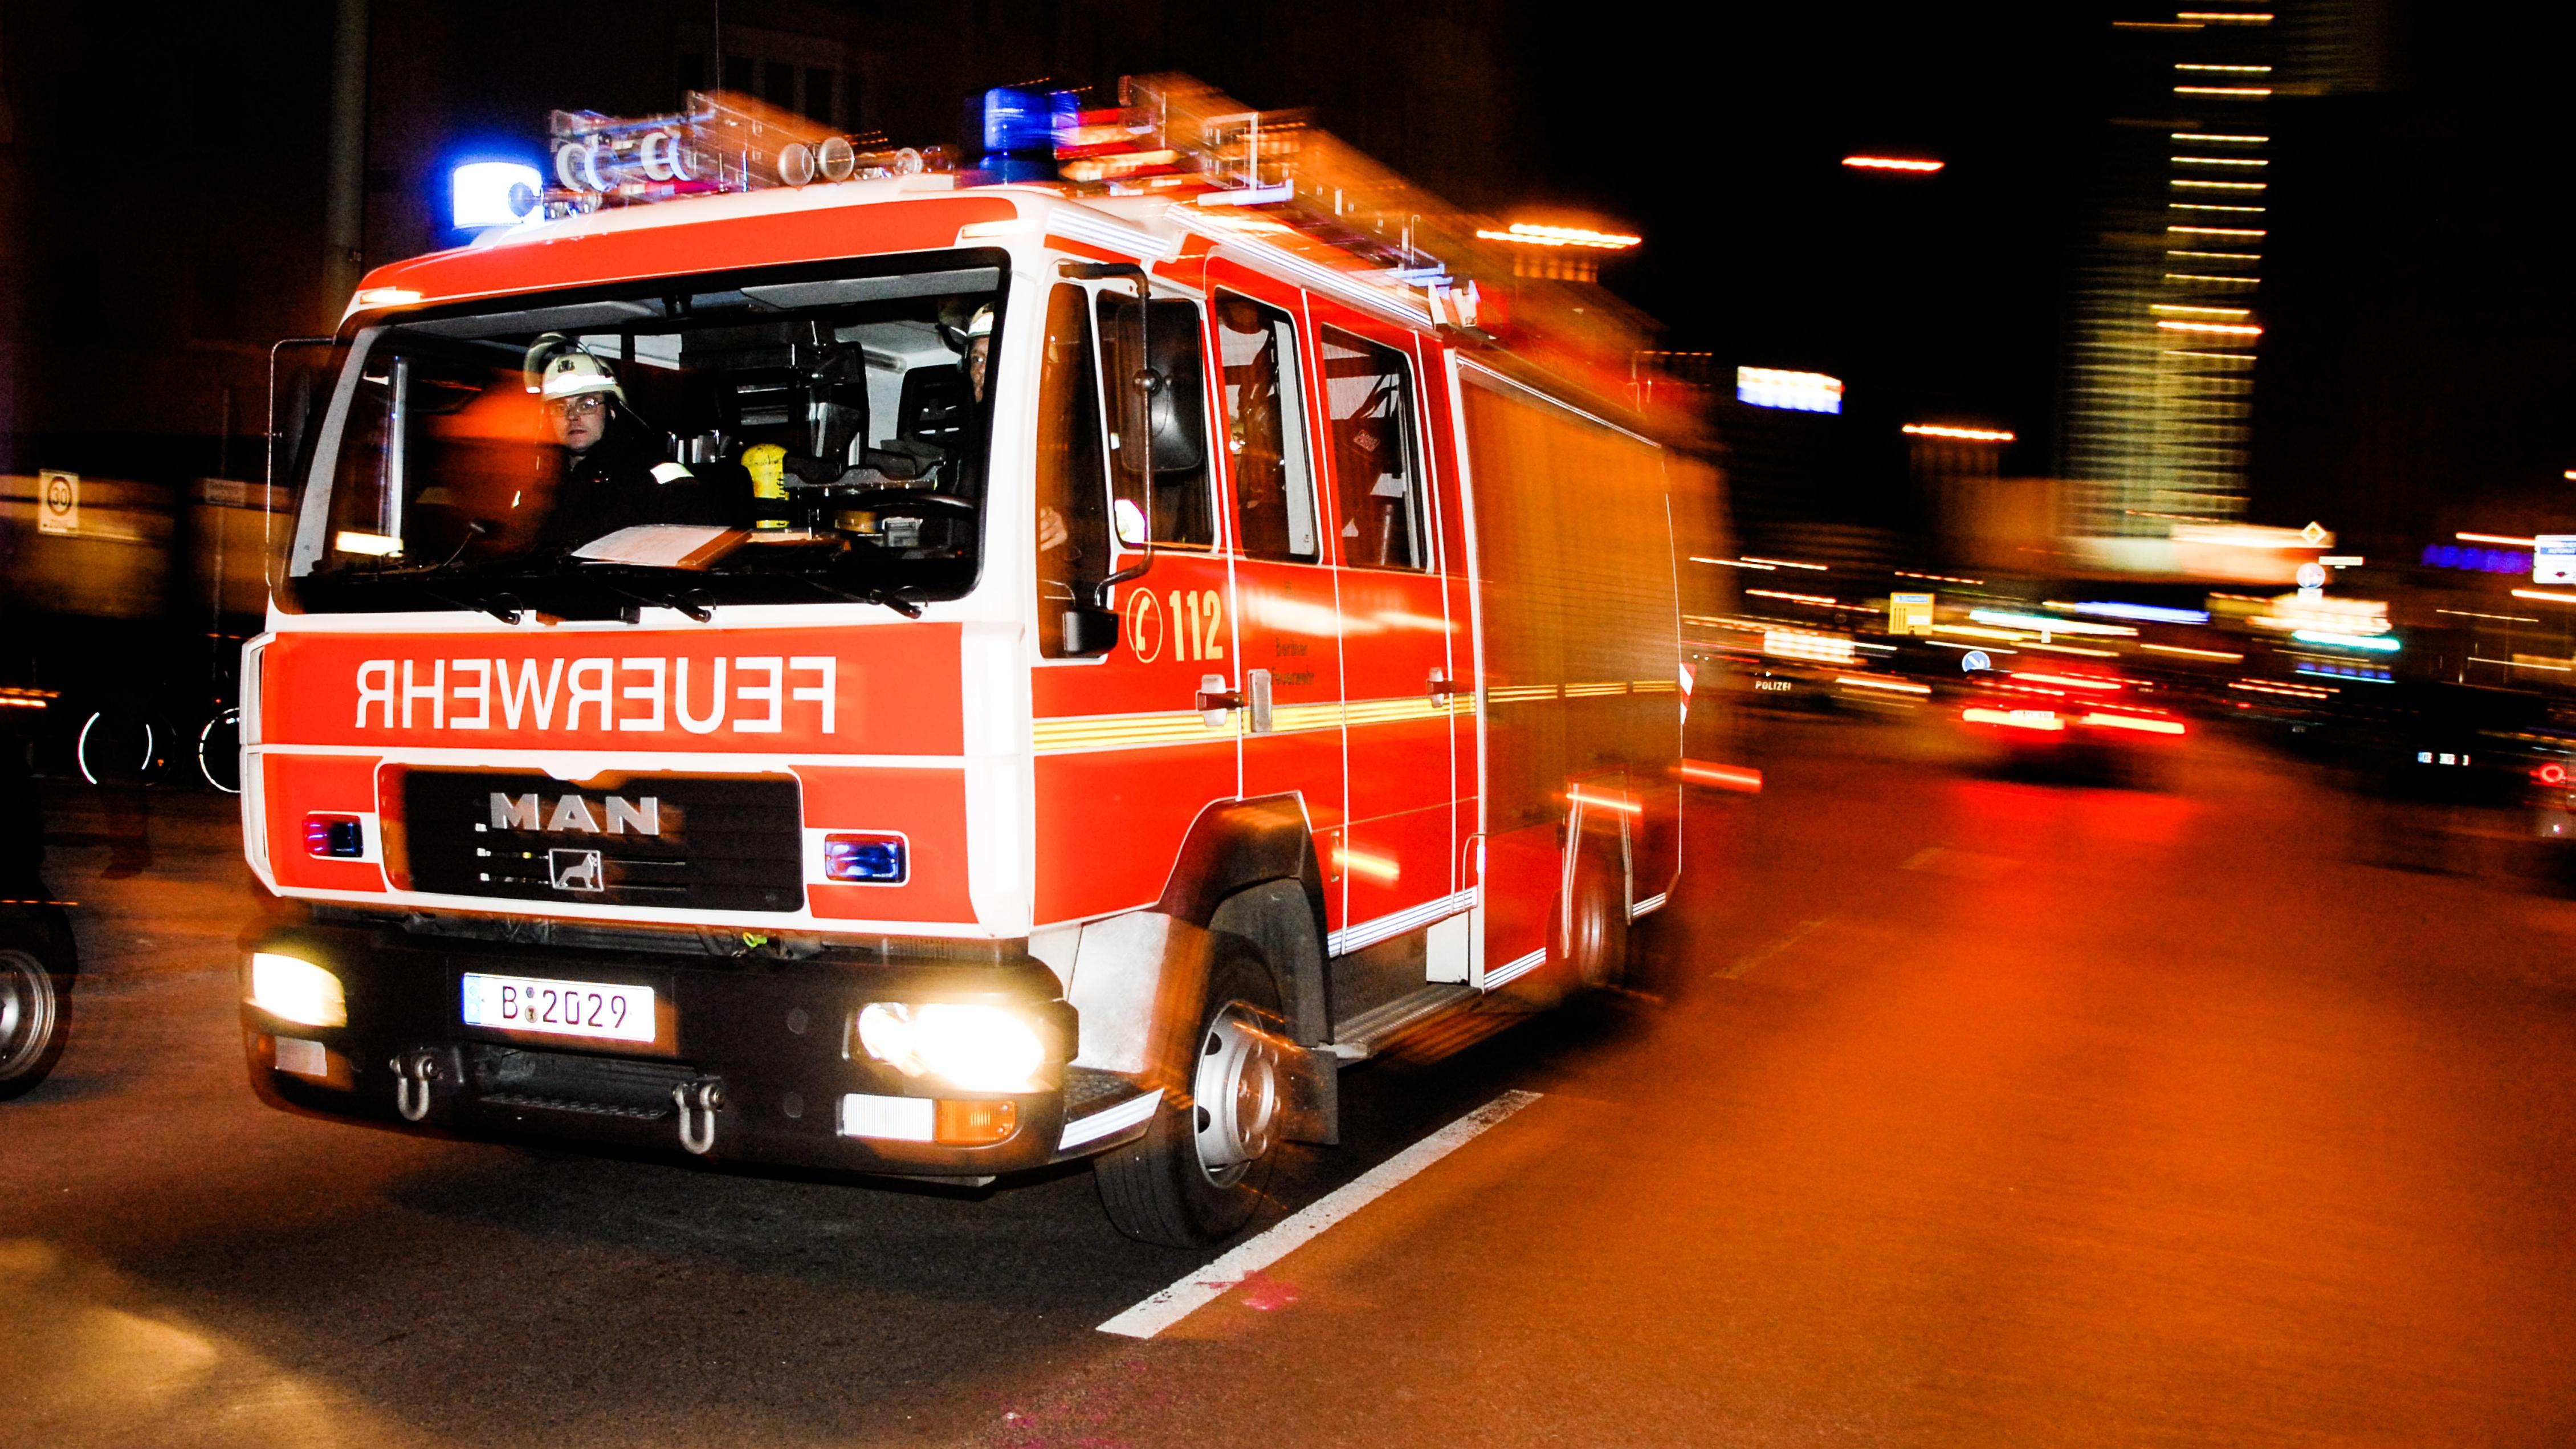 Feuerwehr auf dem Weg zum Einsatz